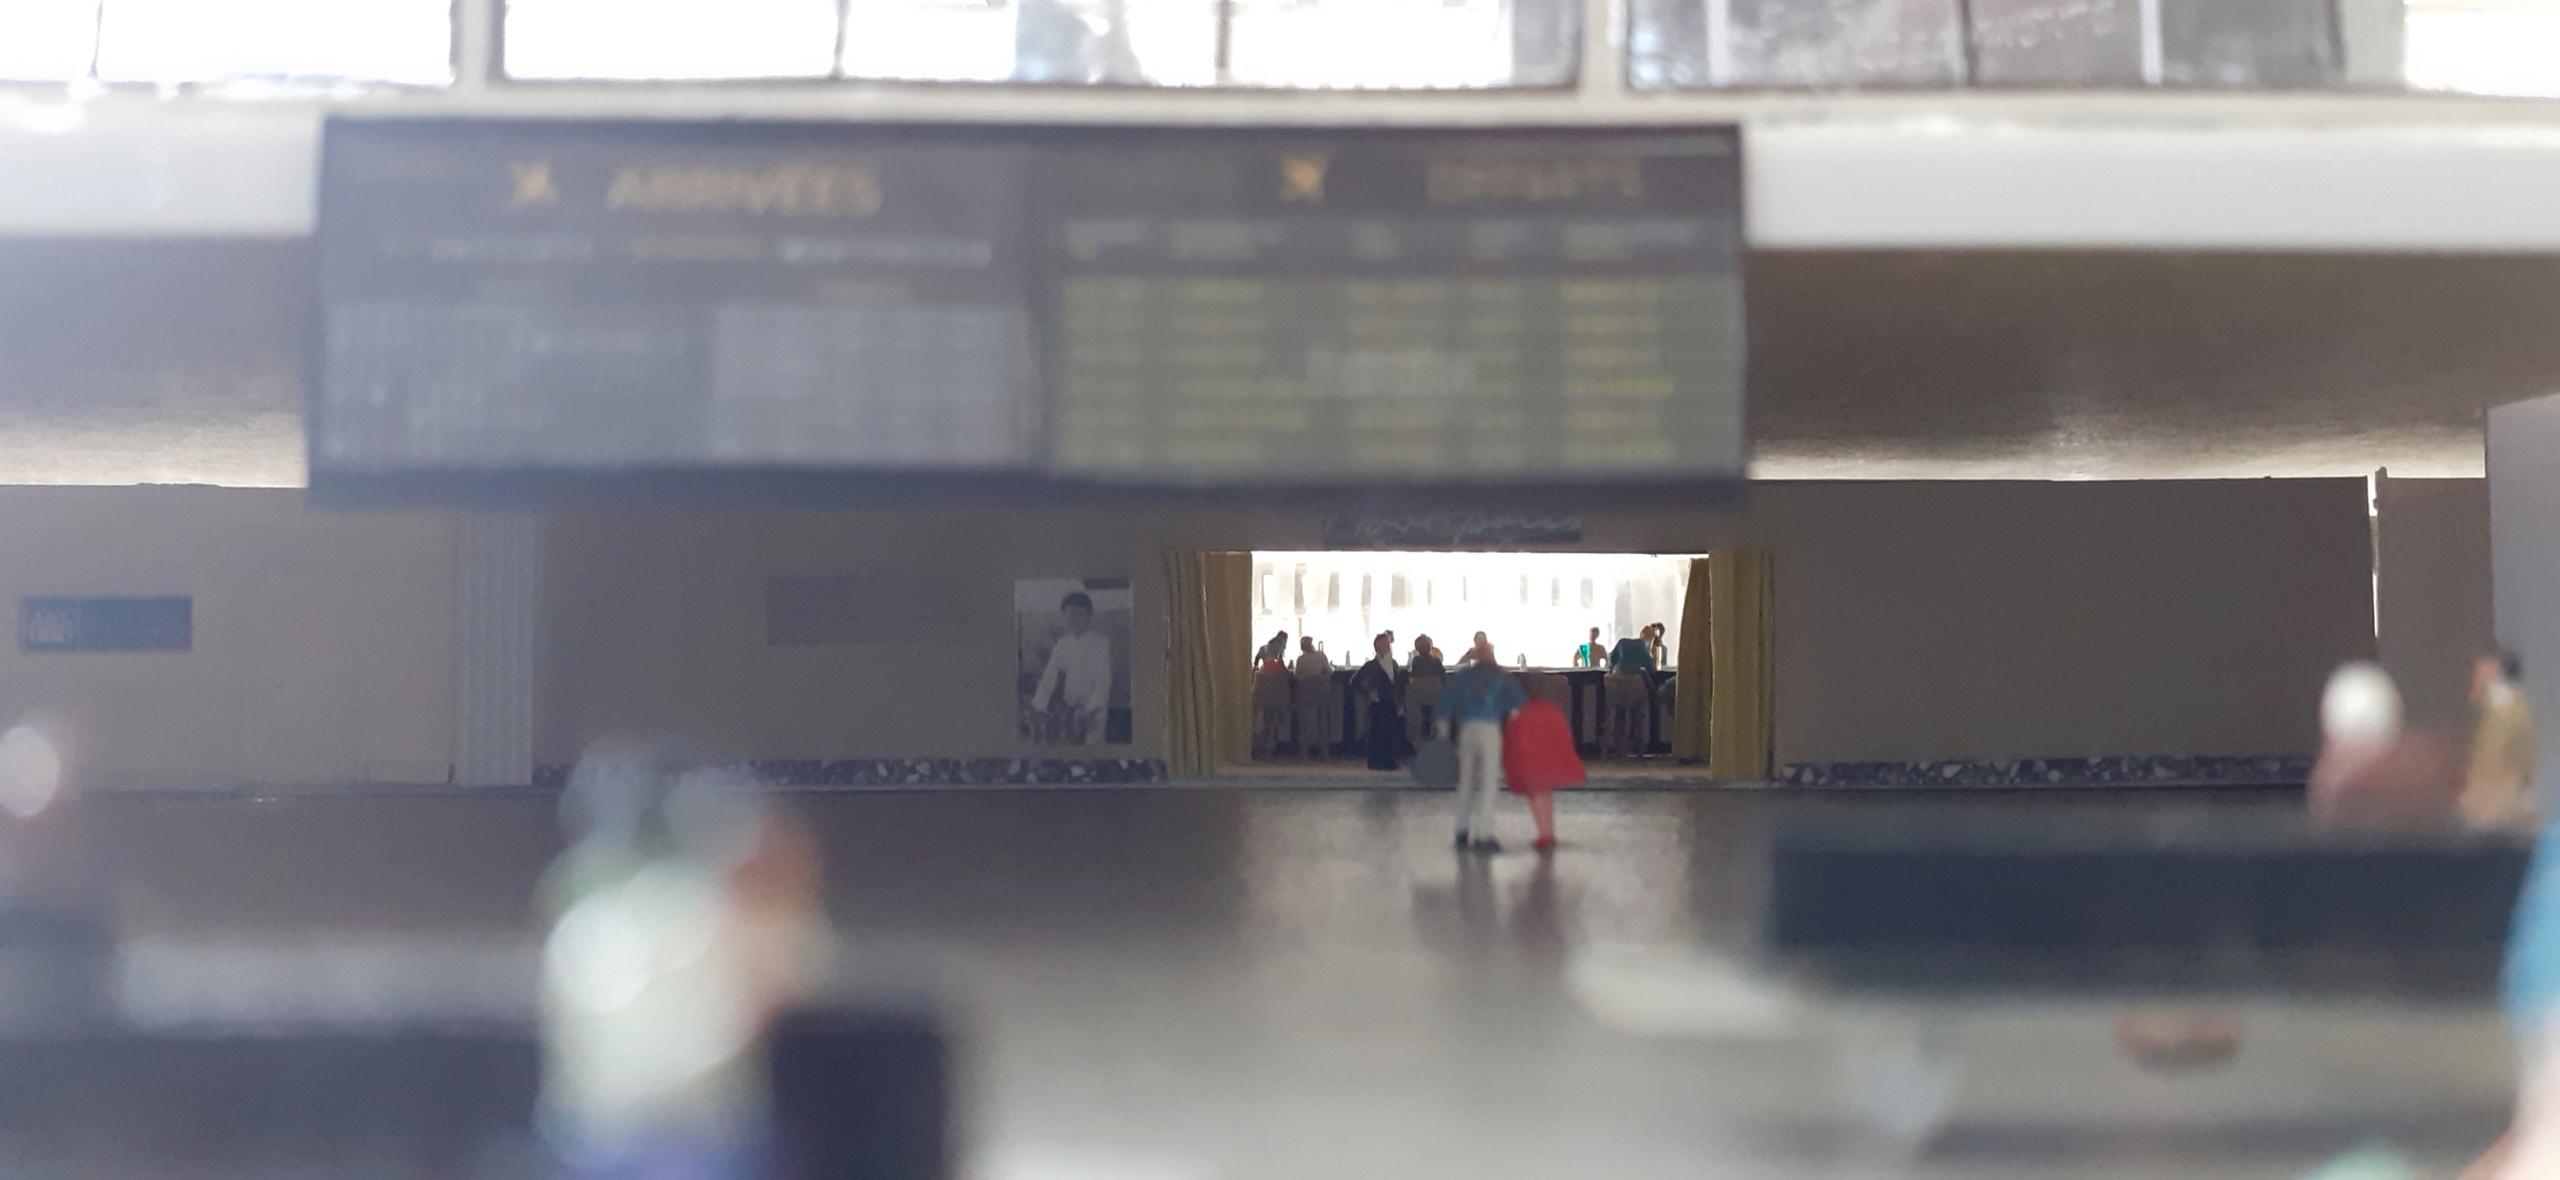 Réalisation de la maquette 1/144 d' un aéroport international (scratch) - Page 17 20200560